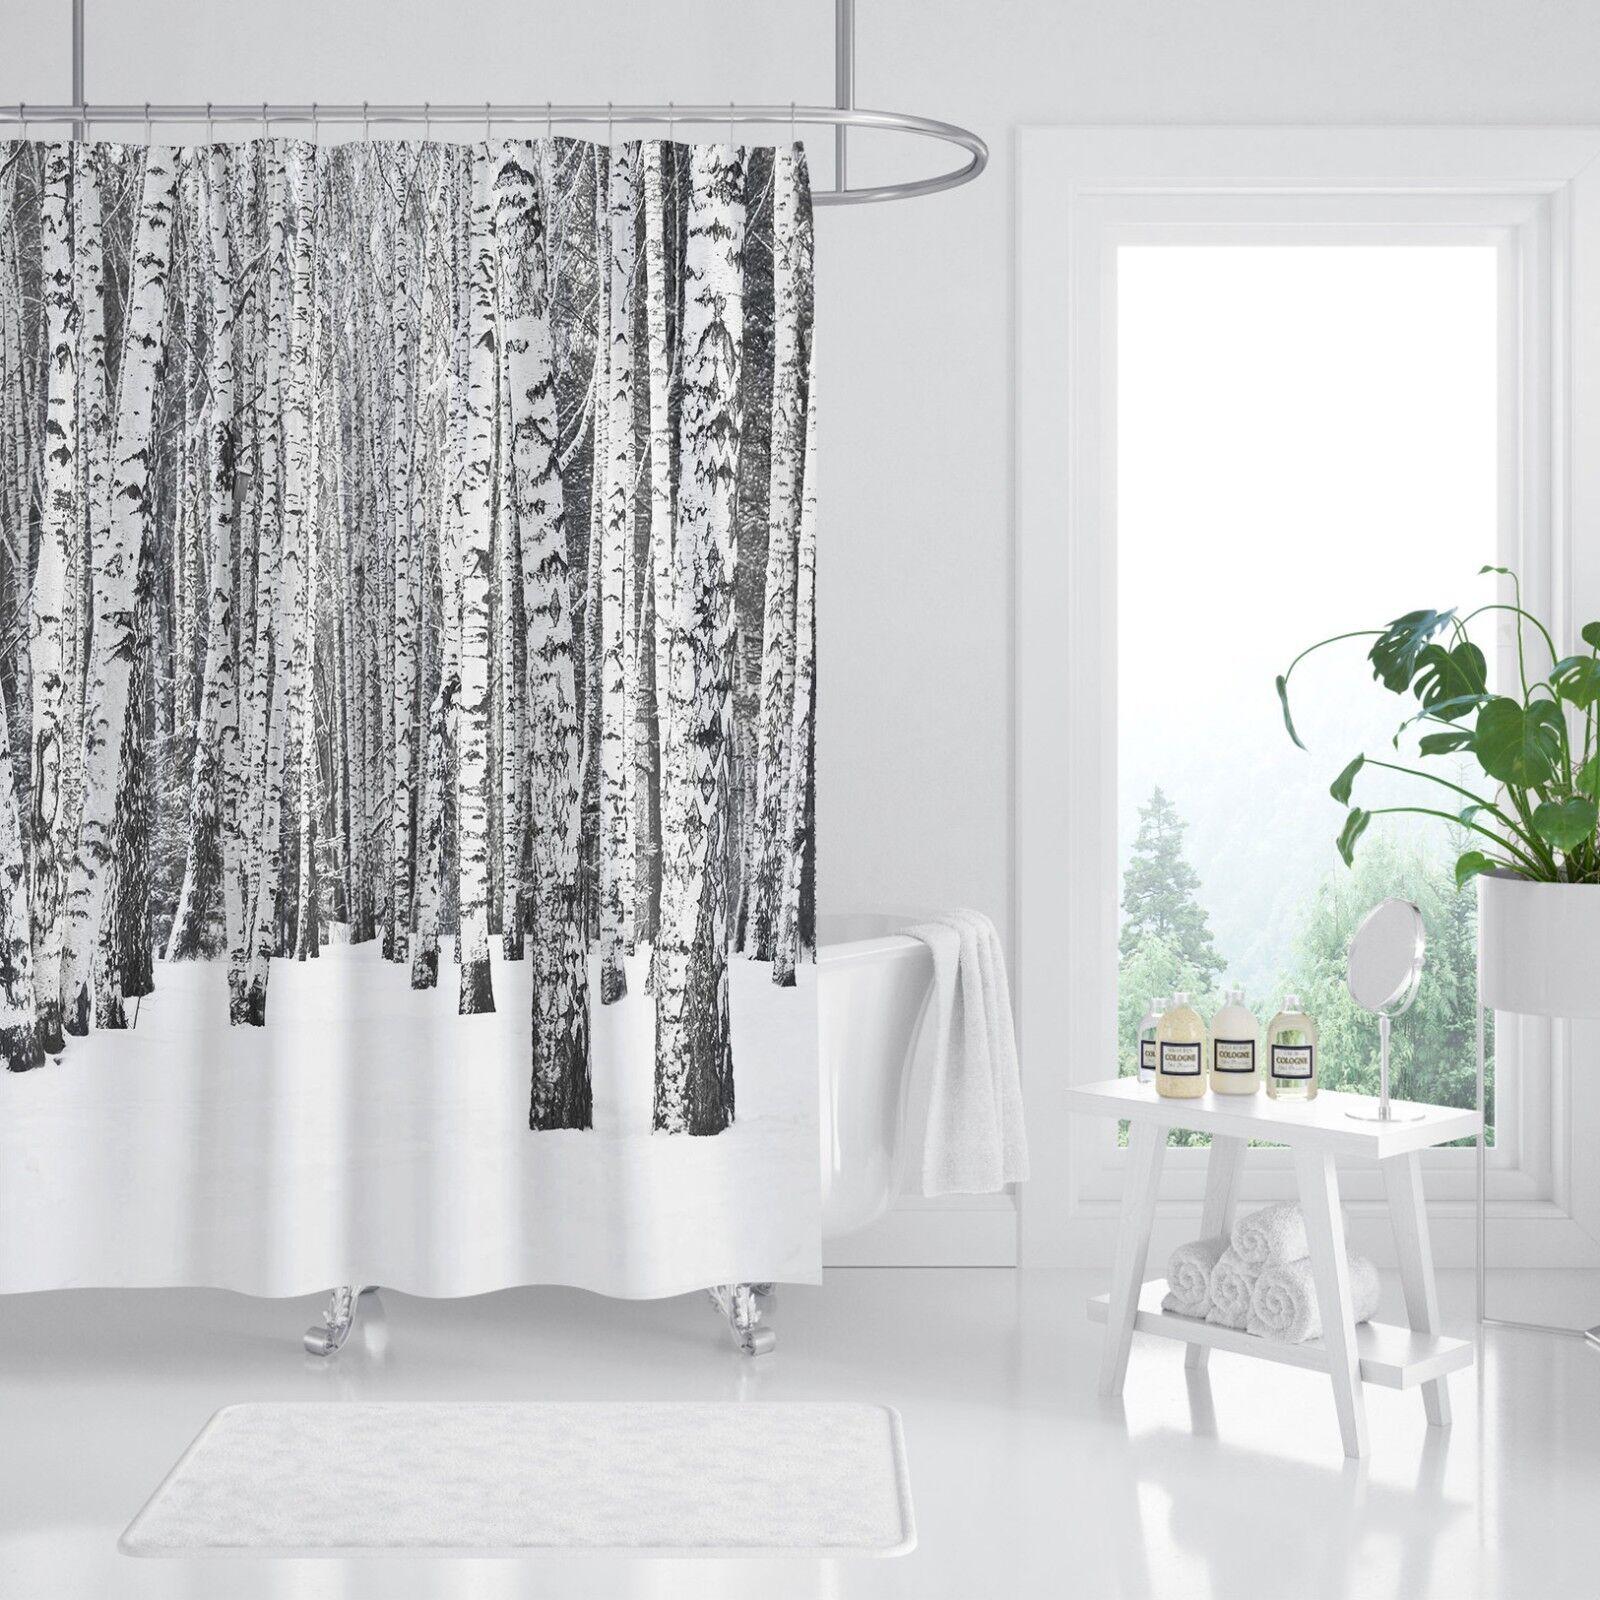 3D Wald Baum 25 Duschvorhang Wasserdicht Faser Bad Daheim Windows Toilette DE